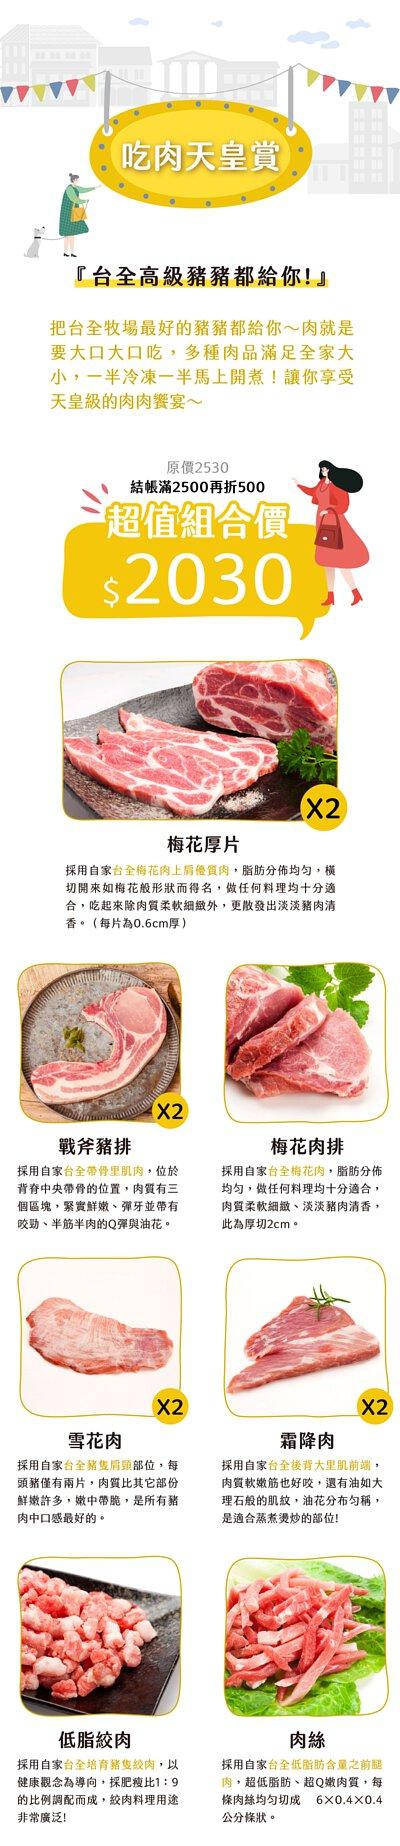 吃肉天皇賞,台全高品質豬肉通通給你,一半冷凍一半馬上開吃